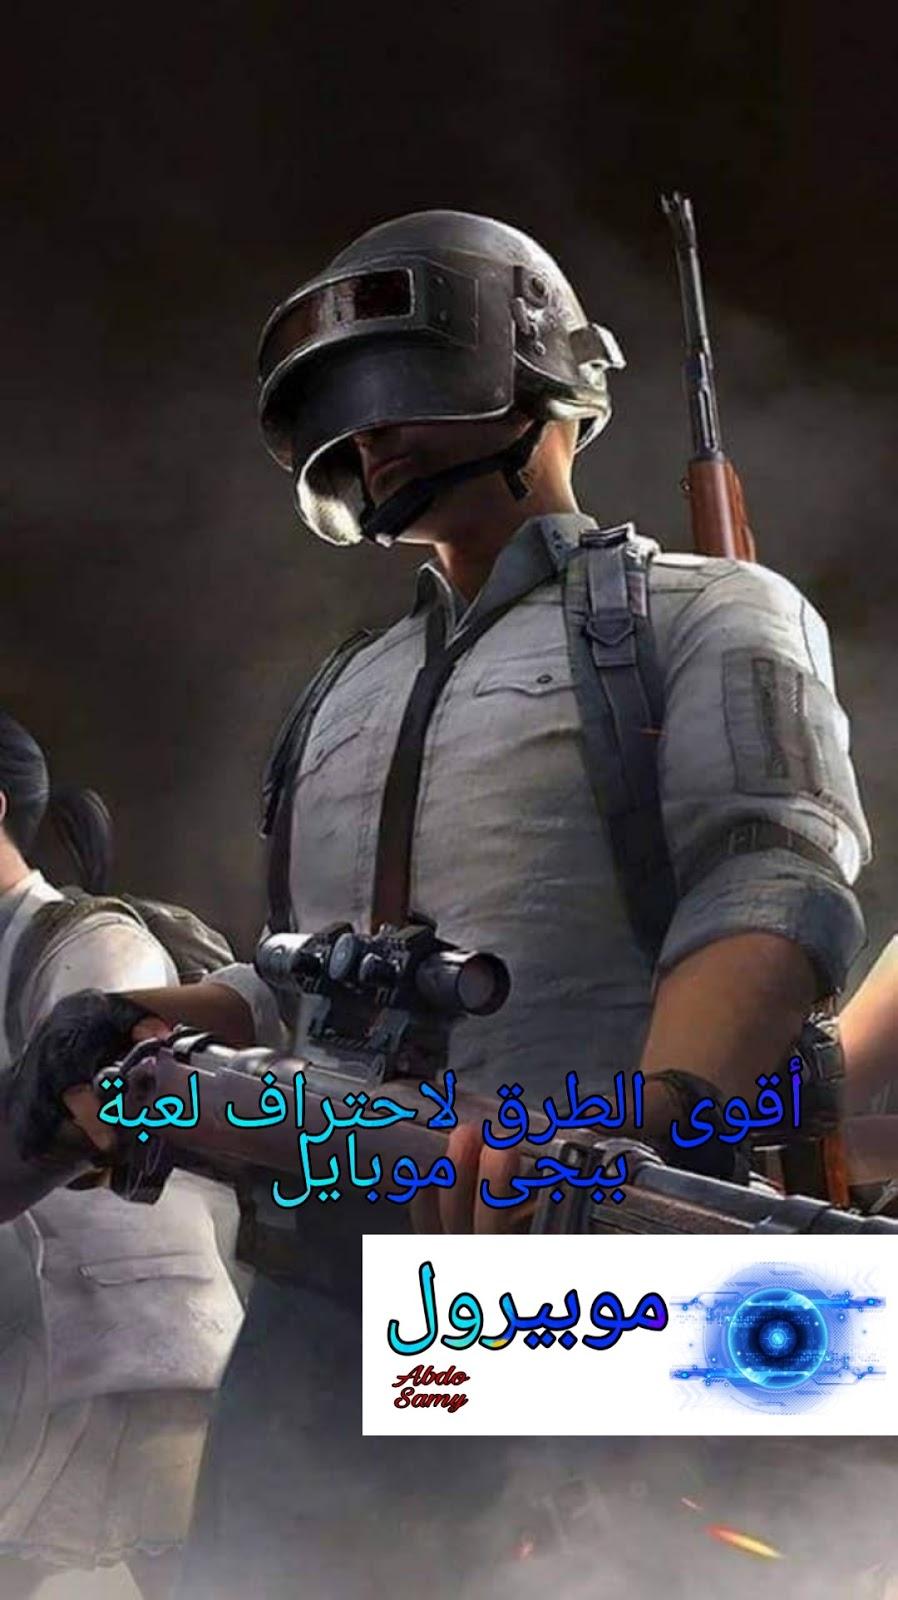 لعبة ببجى موبايل تطلق مجموعه من الطرق المختلفه لاحتراف اللعبه